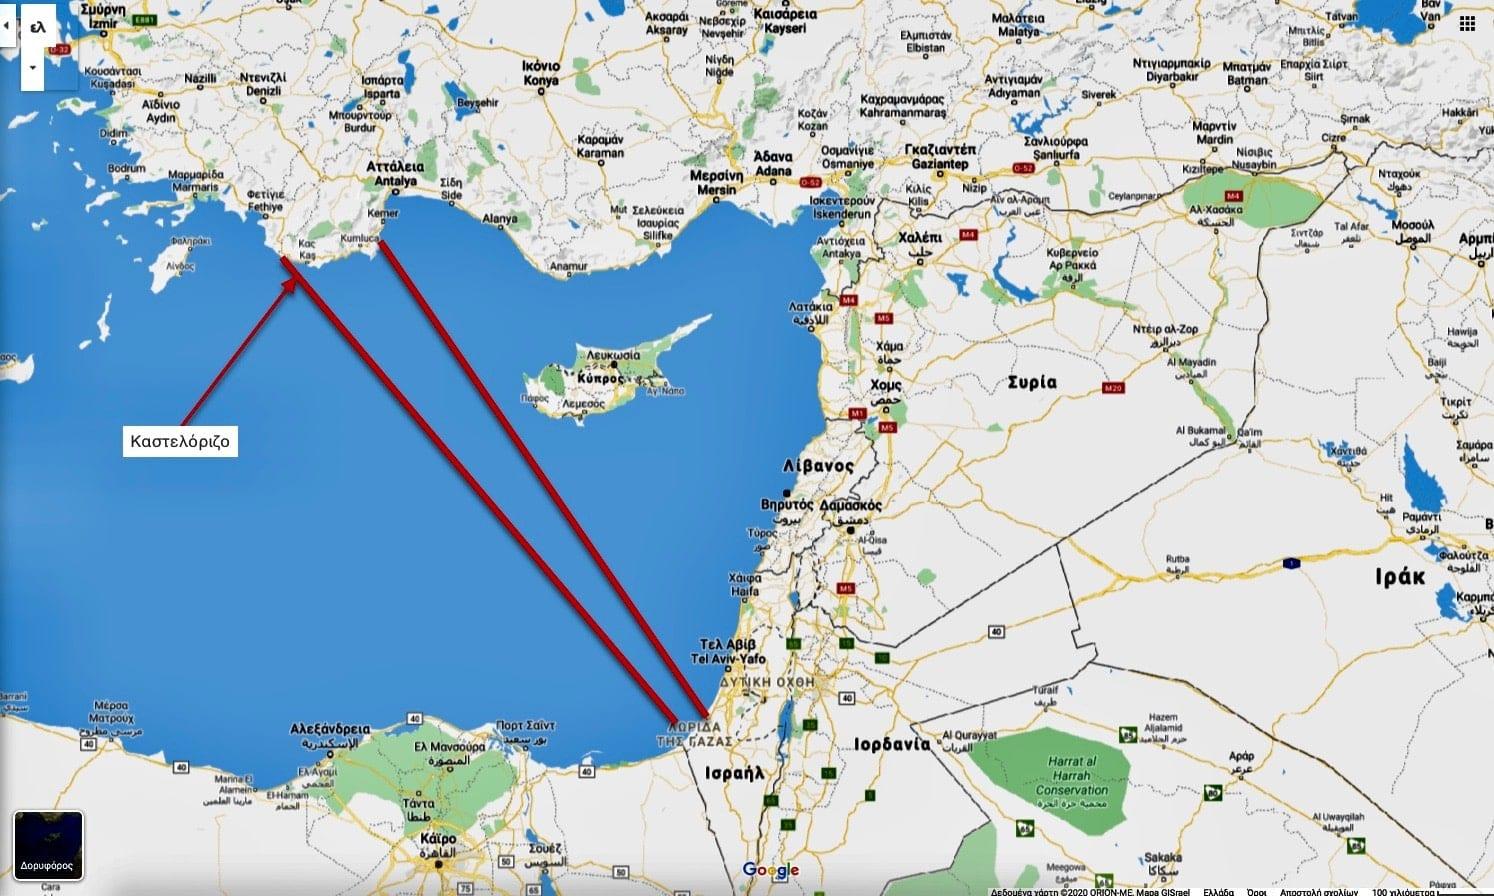 ΑΟΖ Τουρκίας - Παλαιστίνης ετοιμάζει η Άγκυρα